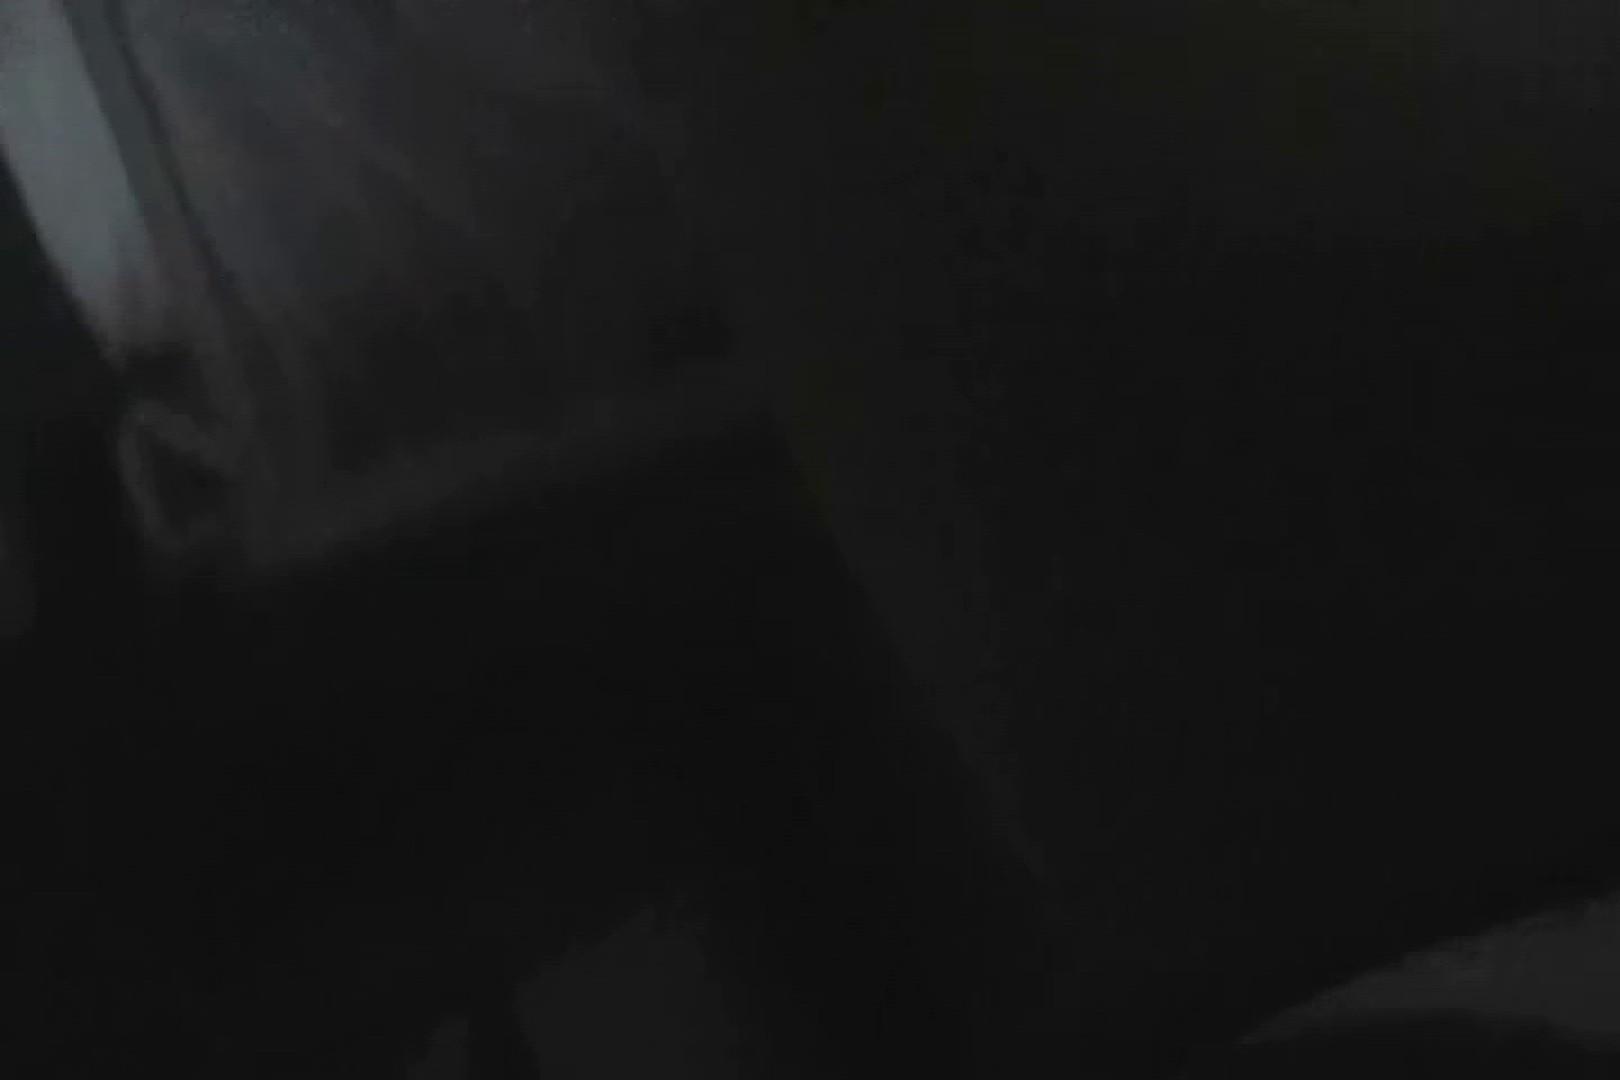 流出!極太の悪戯ウォッチング!前編 手技 | モ無し AV動画 9連発 7